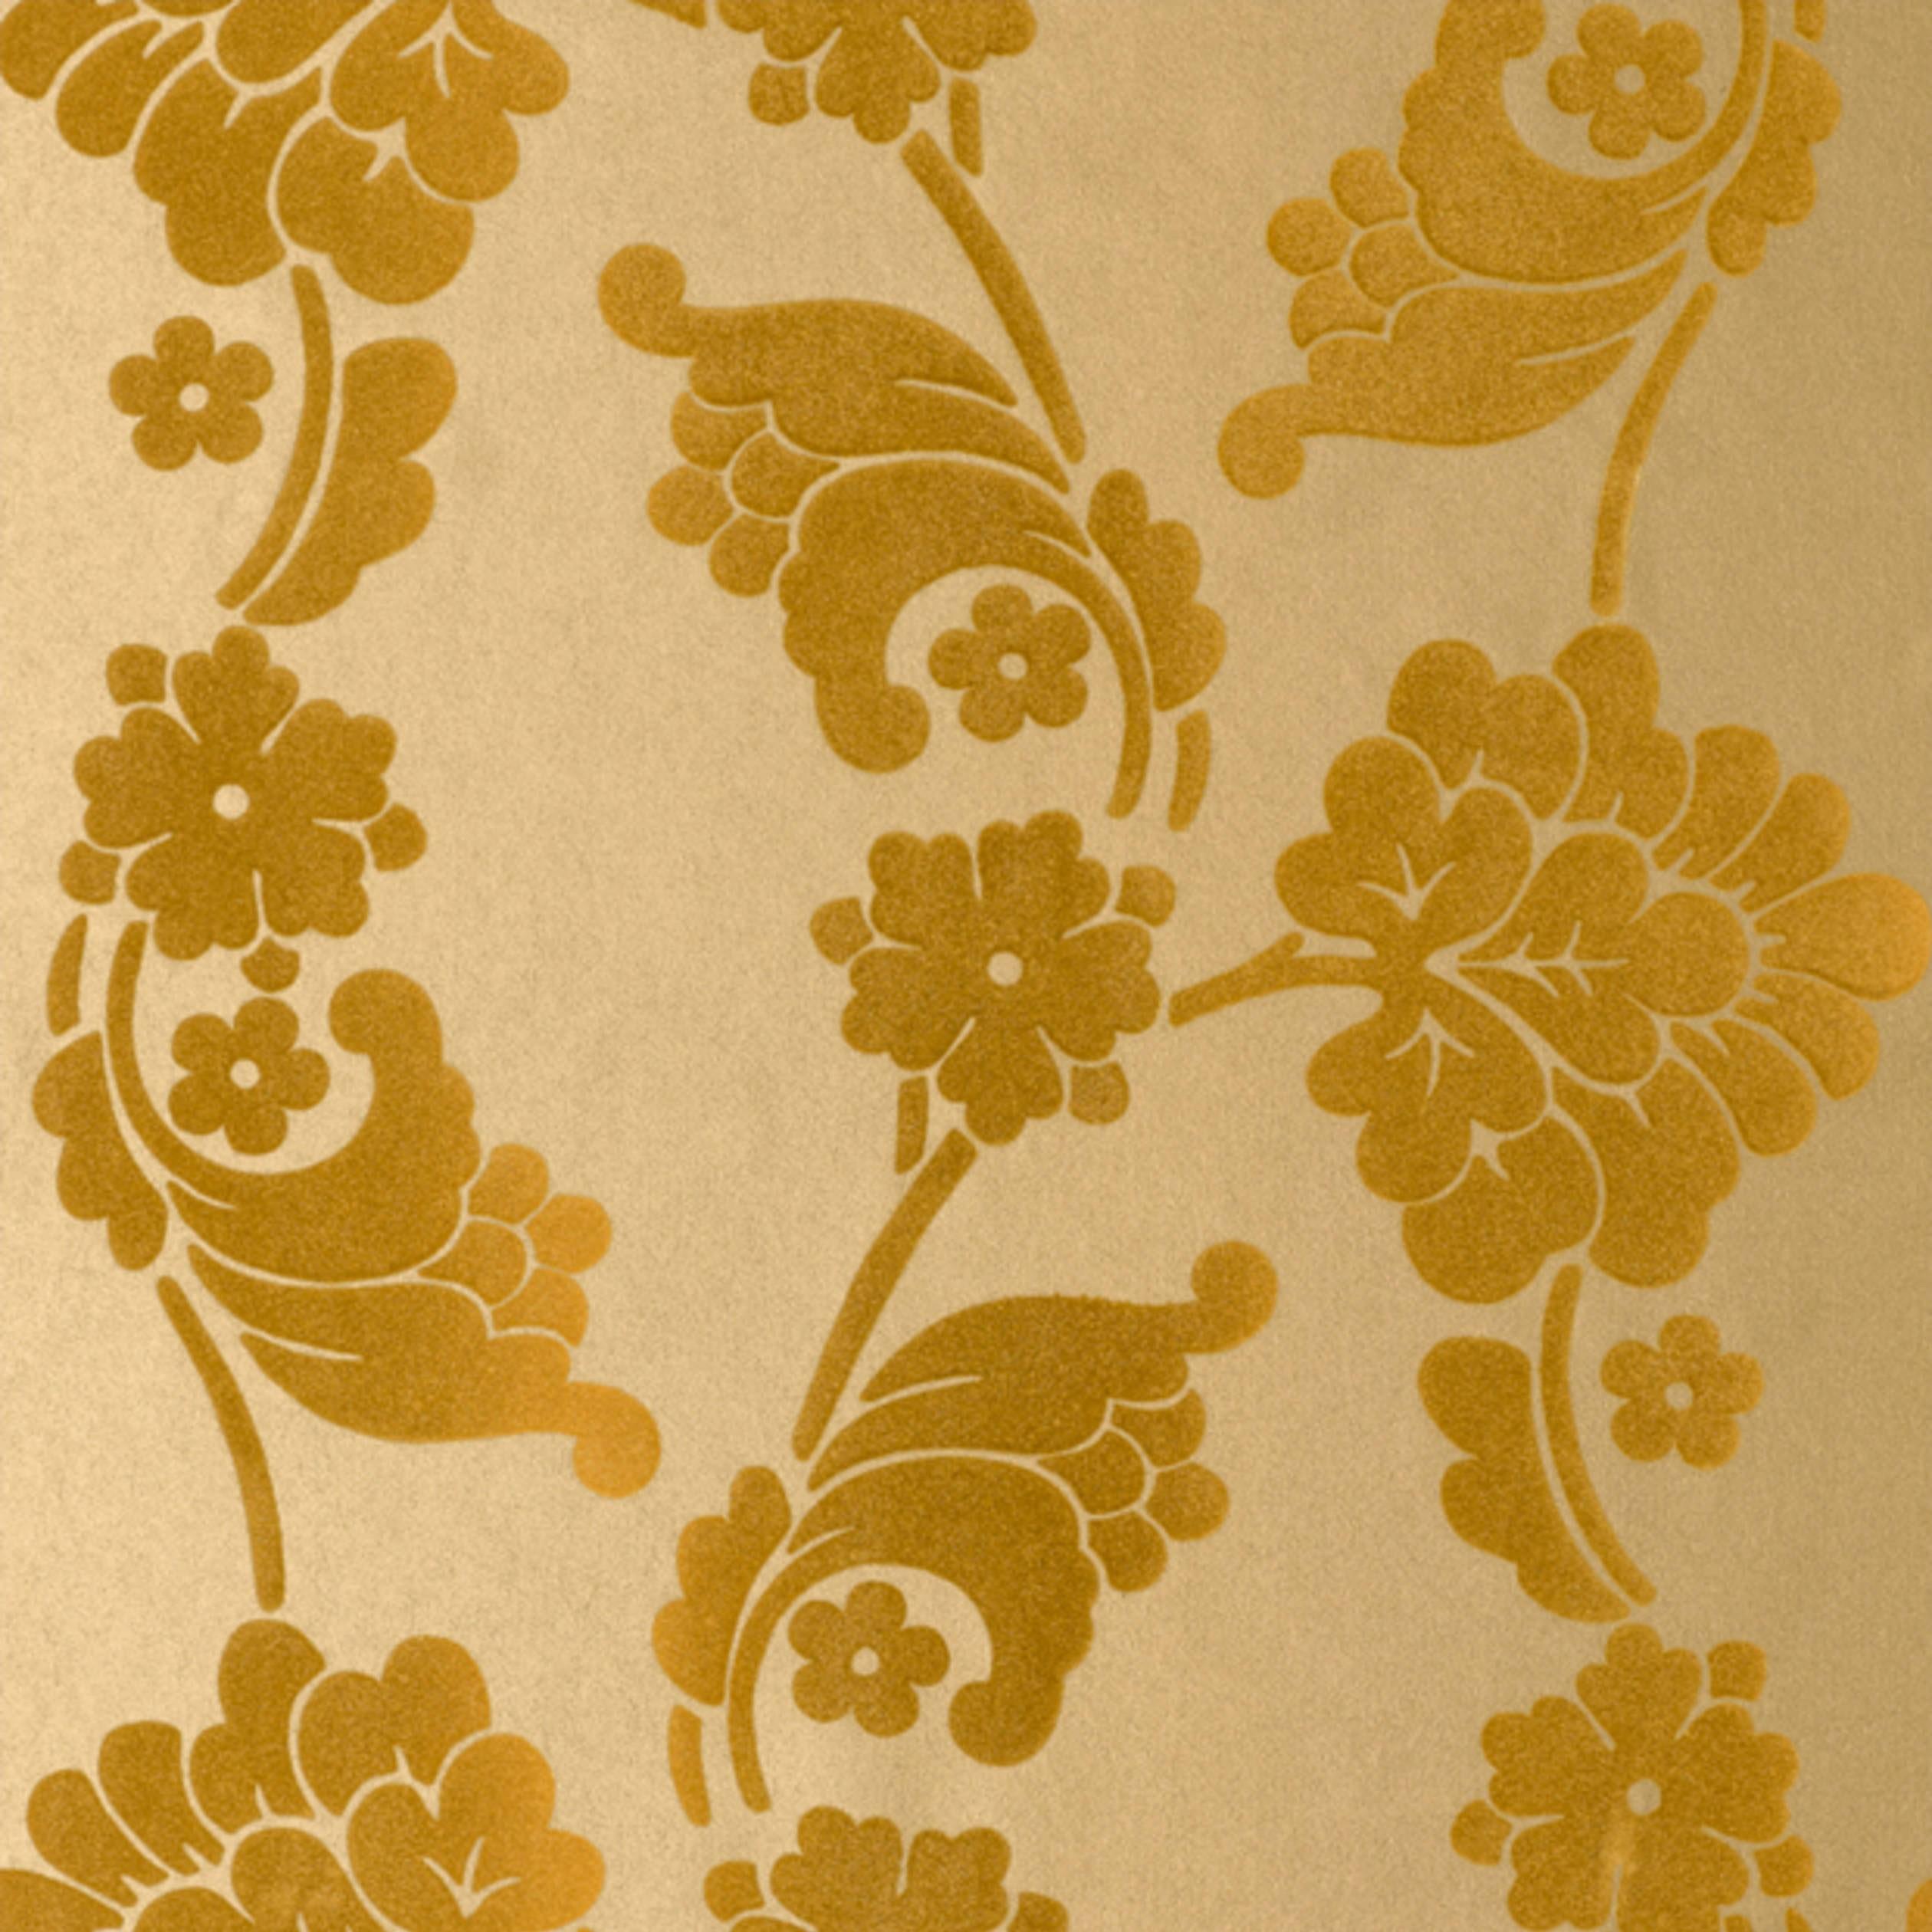 Wanders blue wanders forest flocked wallpaper damask wallpaper - Velvet Jacquard Flock Wallpaper